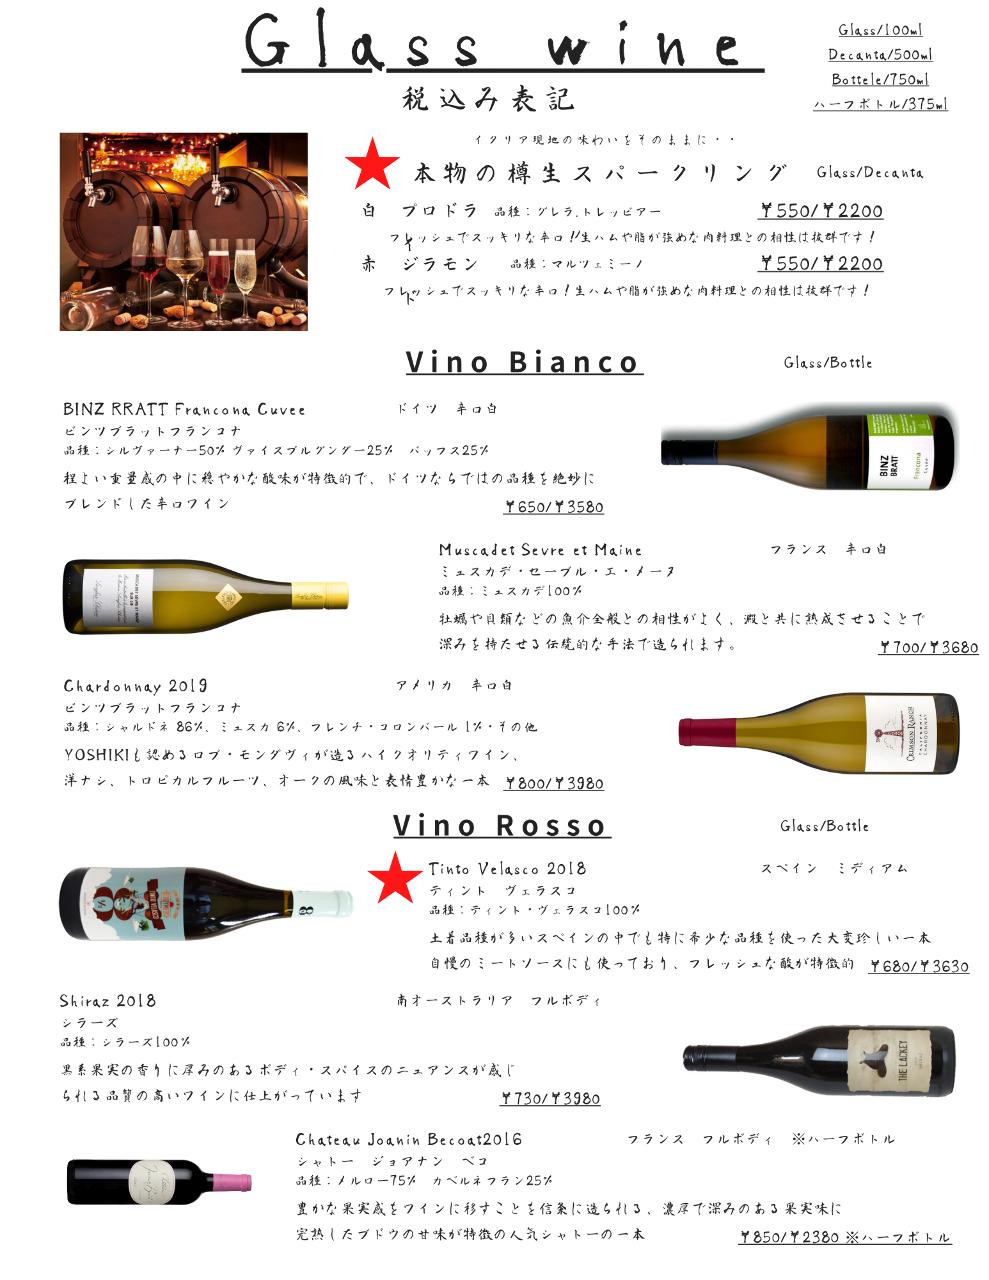 頻度良く変わるグラスワイン、ボトルリストもあります!